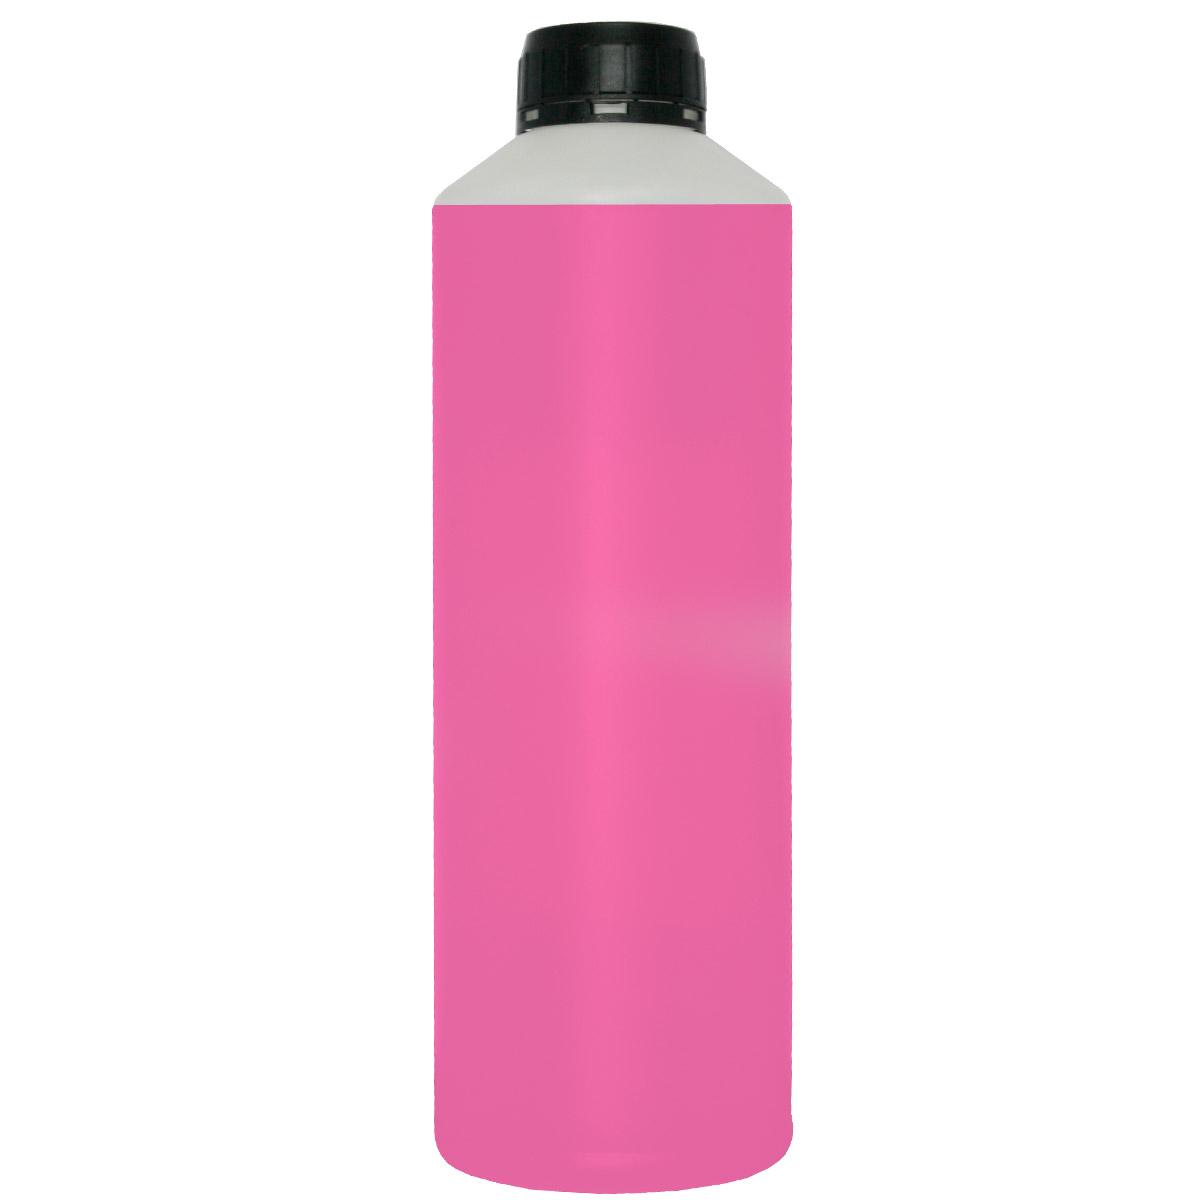 Płyn do czyszczenia głowic - różowy zewnętrzny